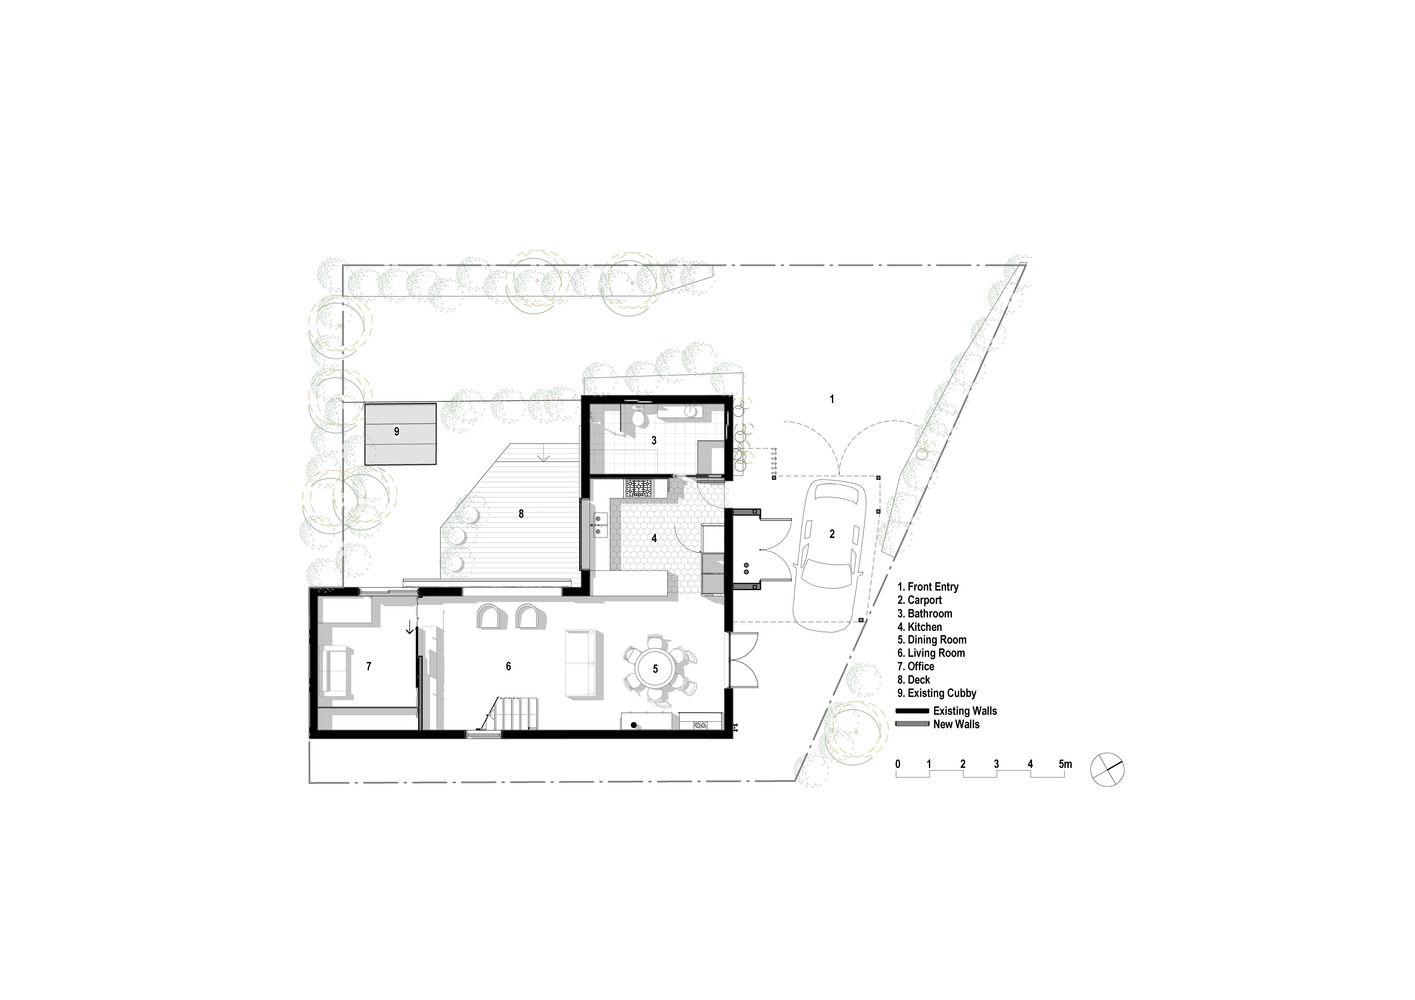 Gallery Of Casa Crisp Buck Simple 19 Ground Floor Plan How